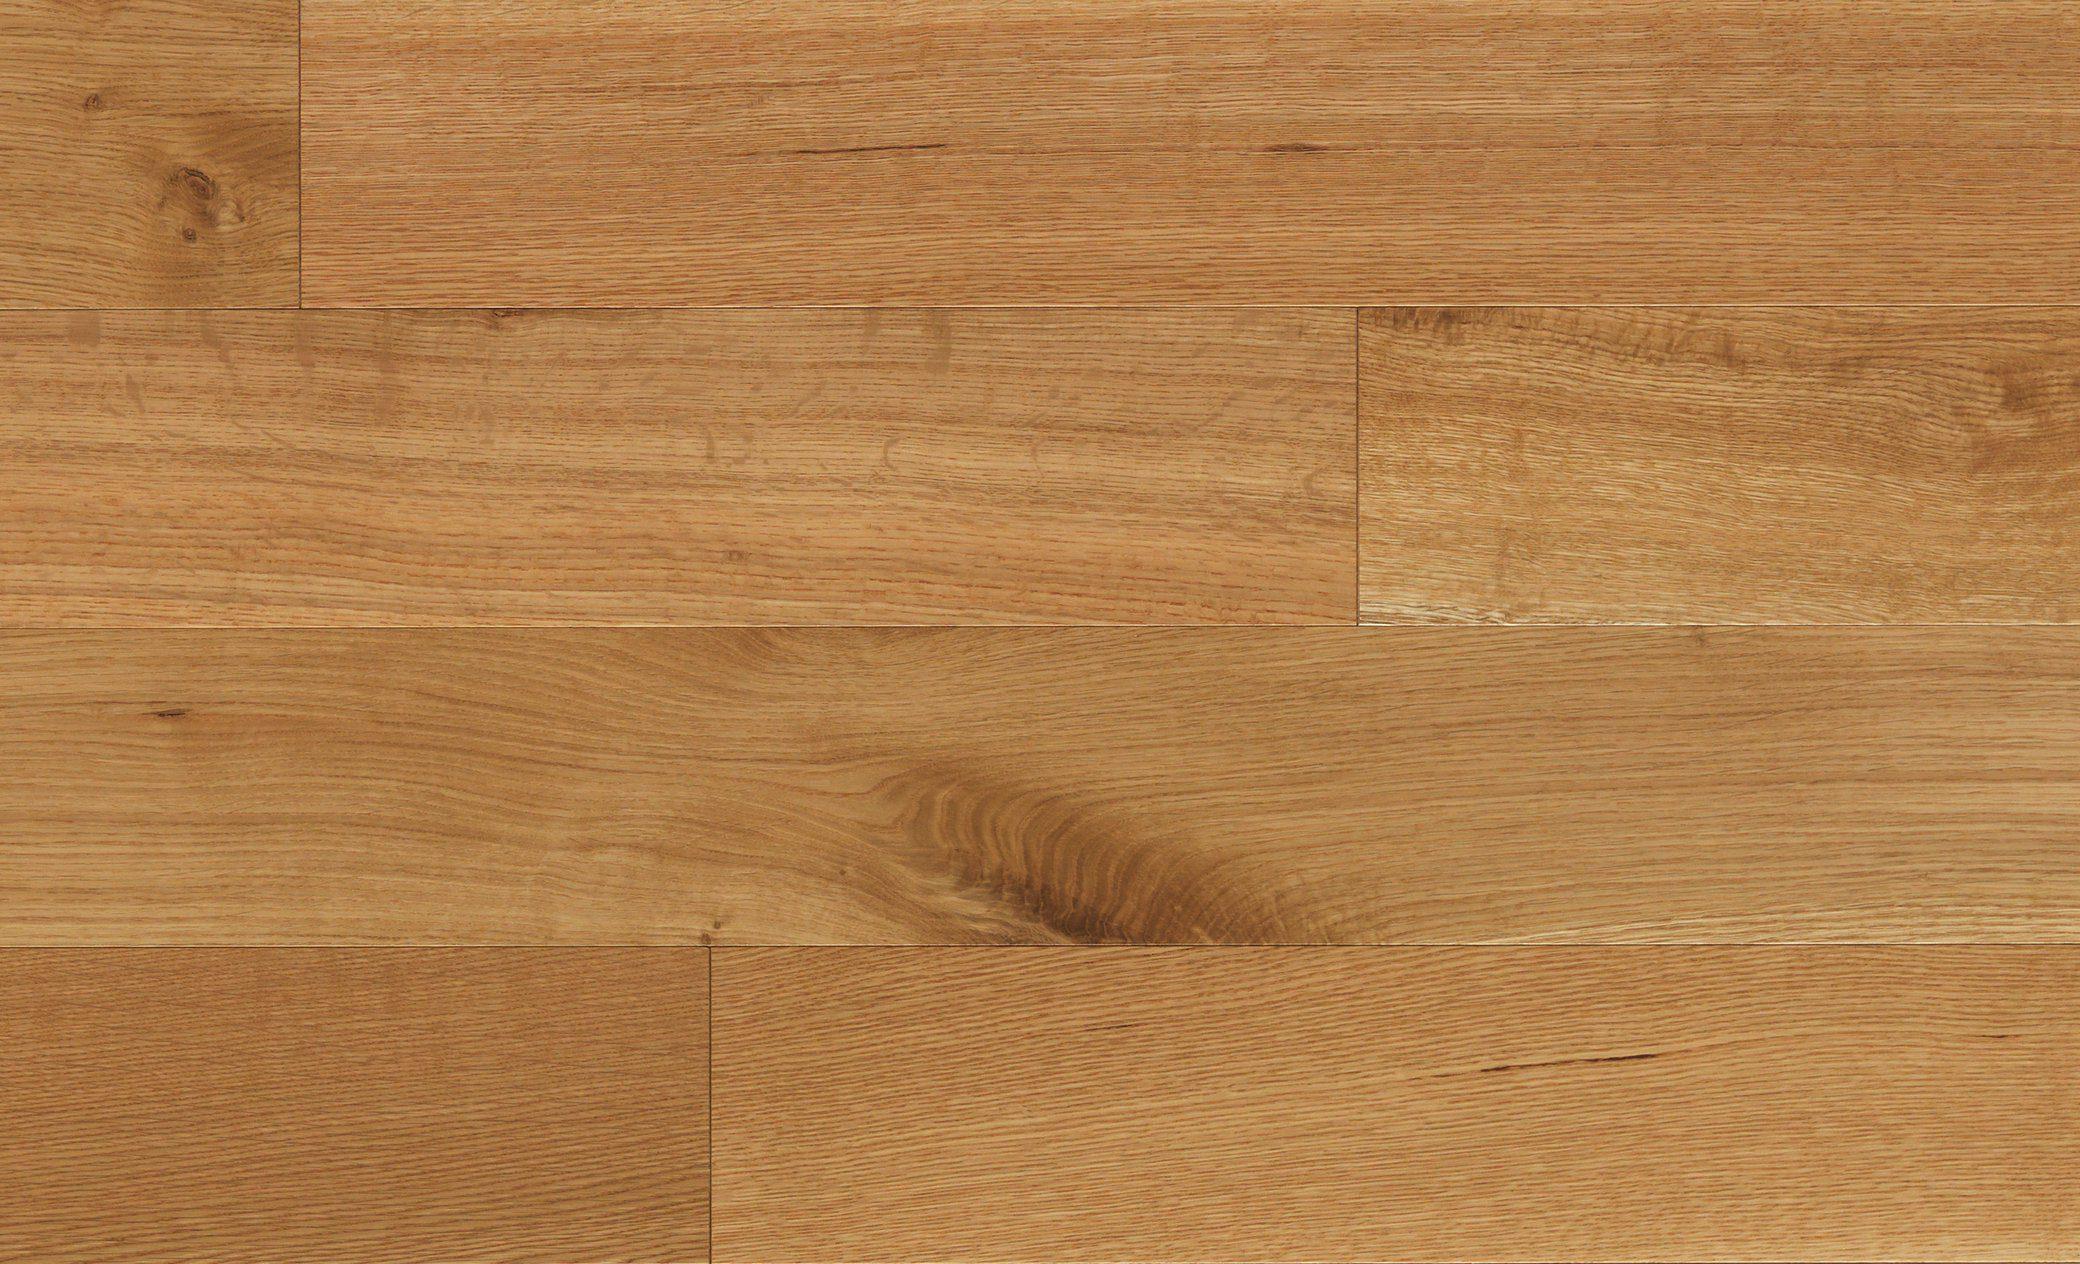 Mercier Origins Natural White Oak Authentic Solid  Width: 2 1/4